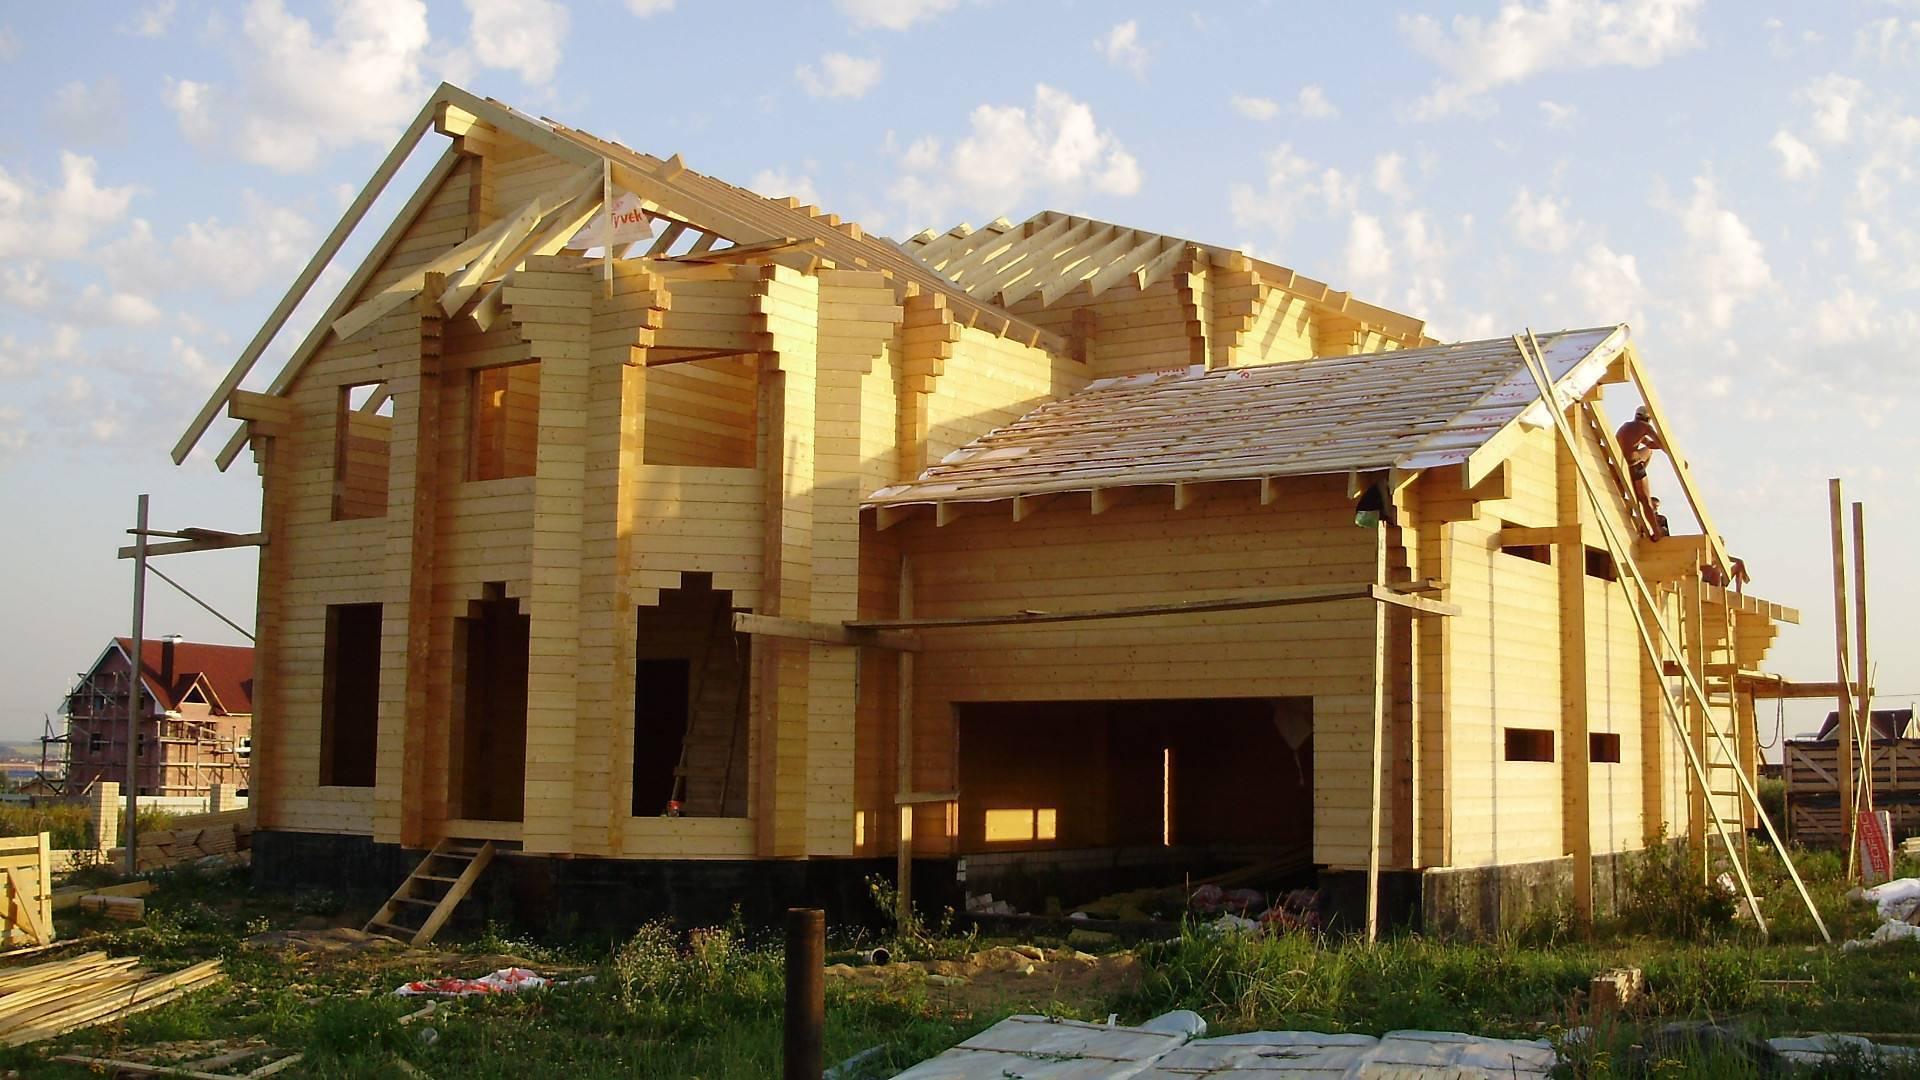 С чего начать строительство частного дома, если у вас есть только желание и вы не знаете, что делать дальше